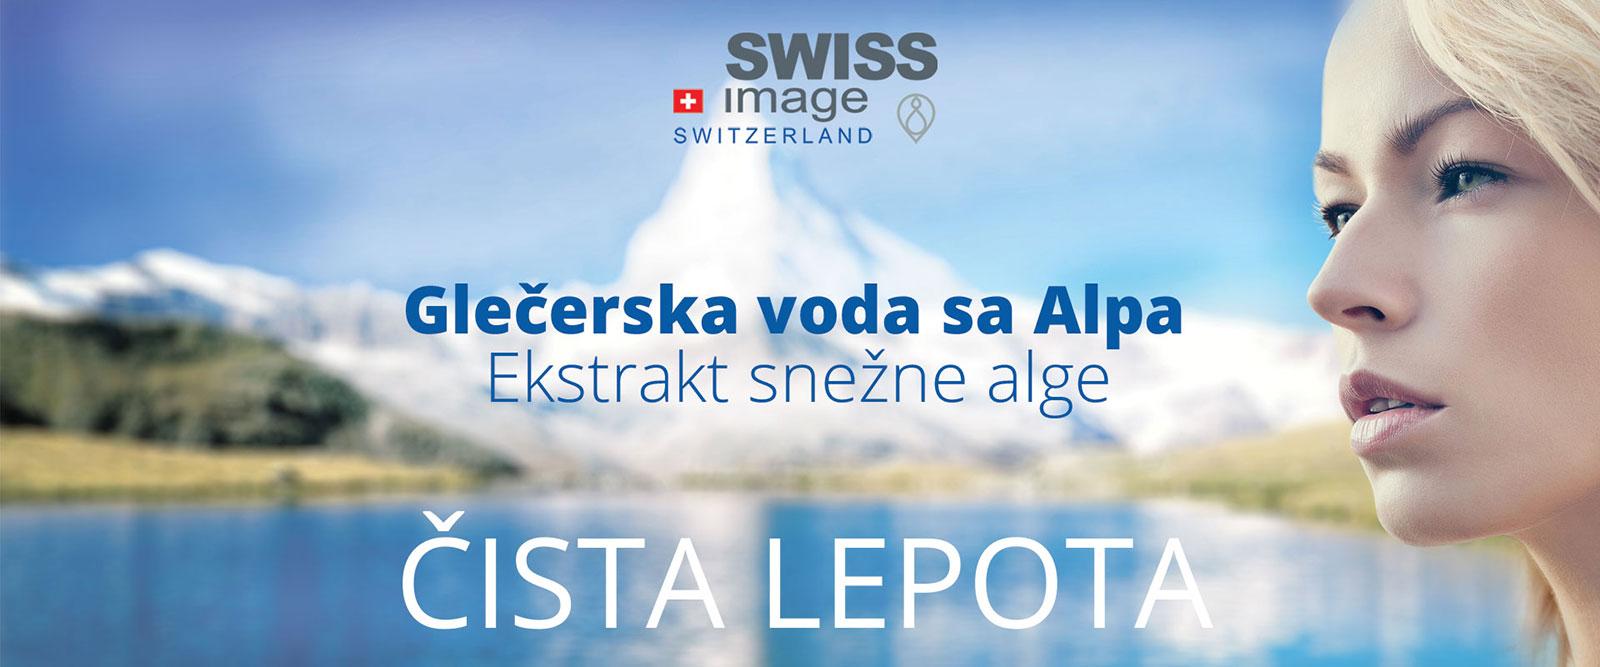 swiss-image-švajacrska kozmetika